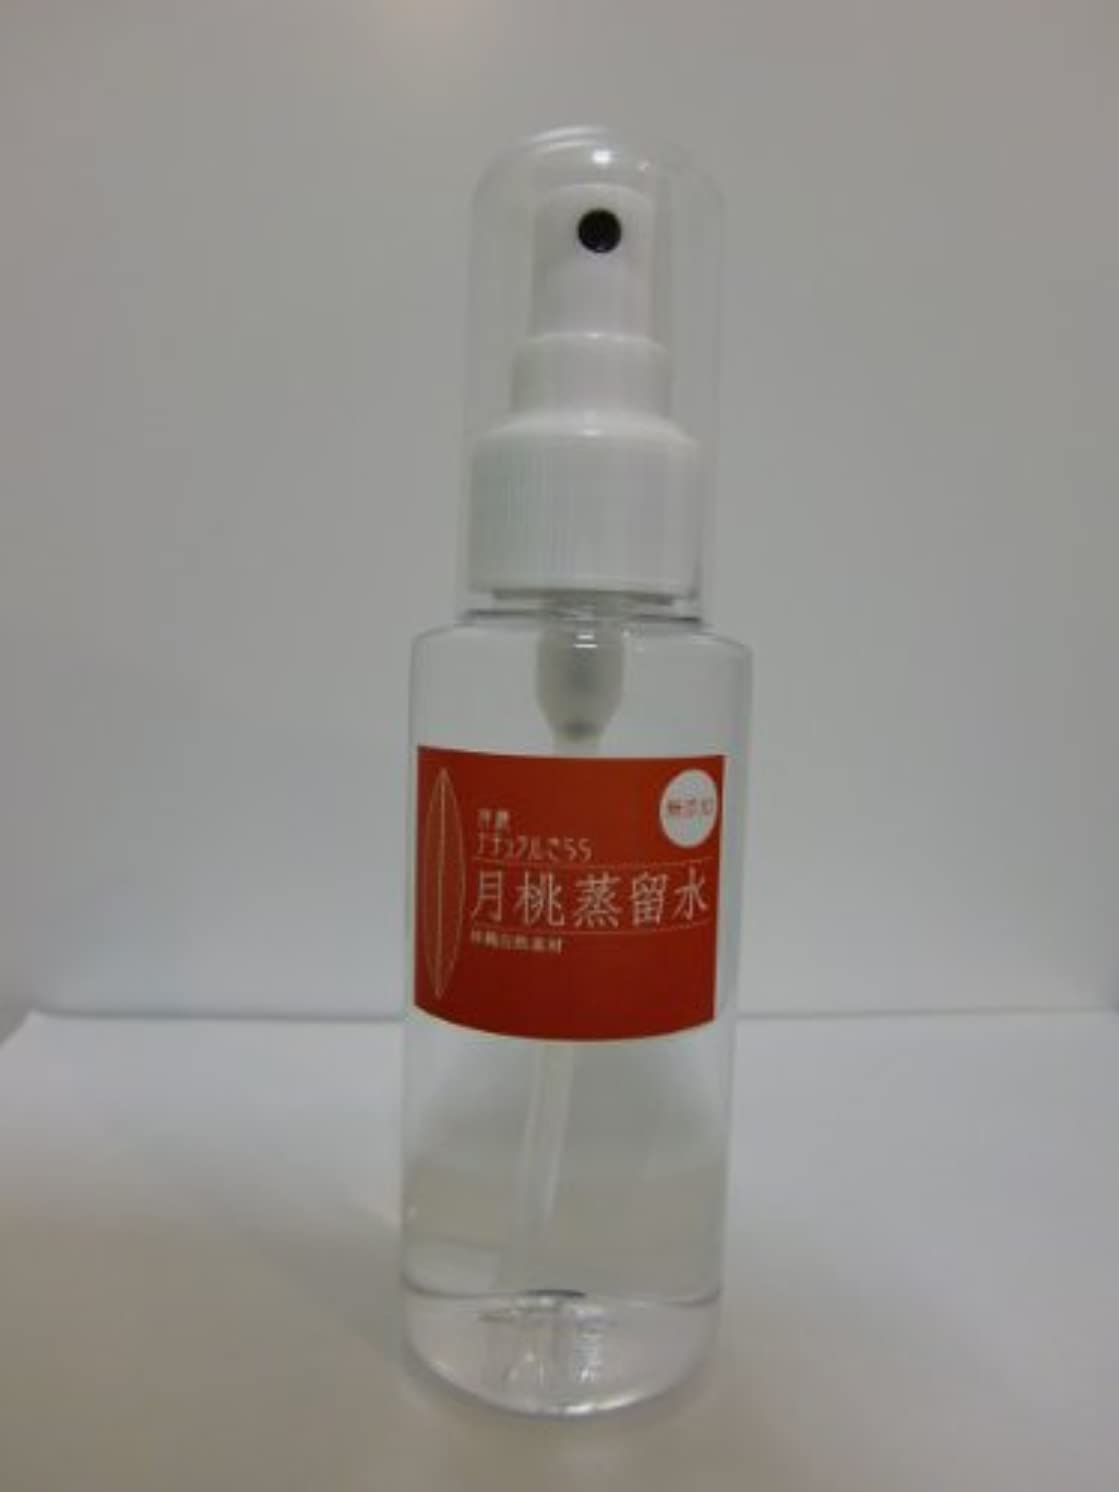 ホップビット本物新?月桃蒸留水(200ml)